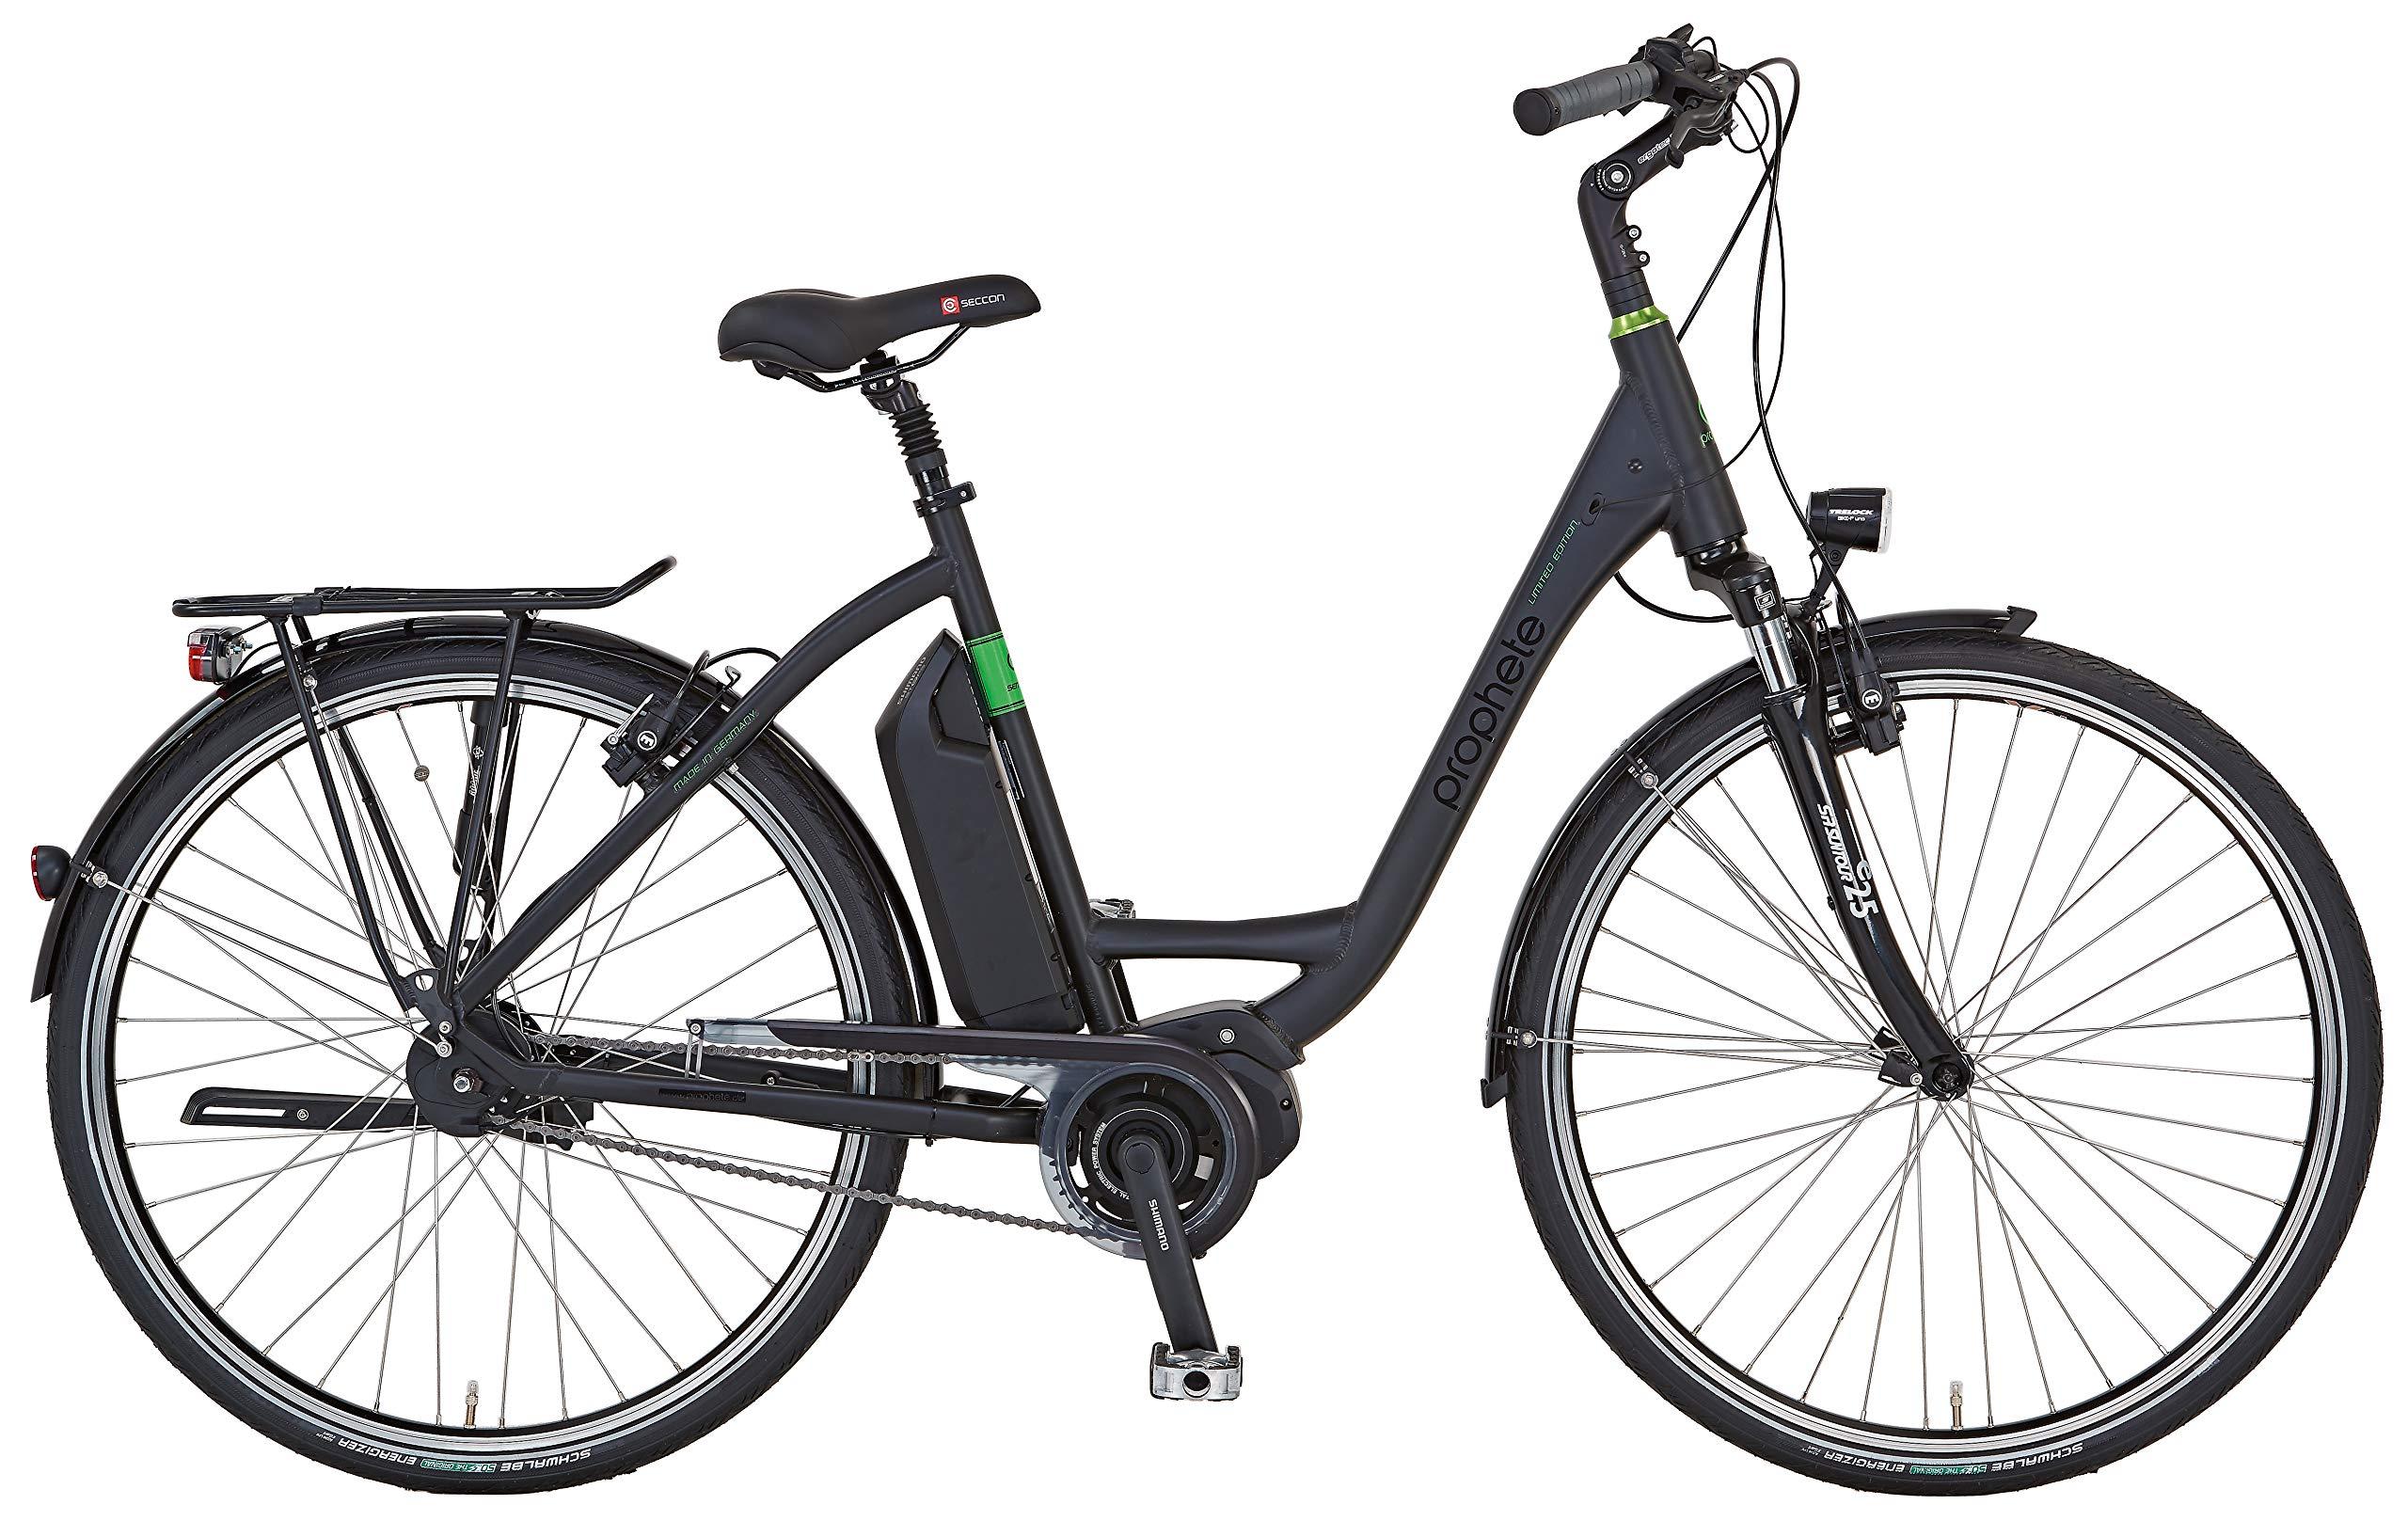 Prophete Limited Edition ALU City 28 Zoll, RH 50 Bicicleta eléctrica, Mujer, Negro Mate, Medium: Amazon.es: Deportes y aire libre